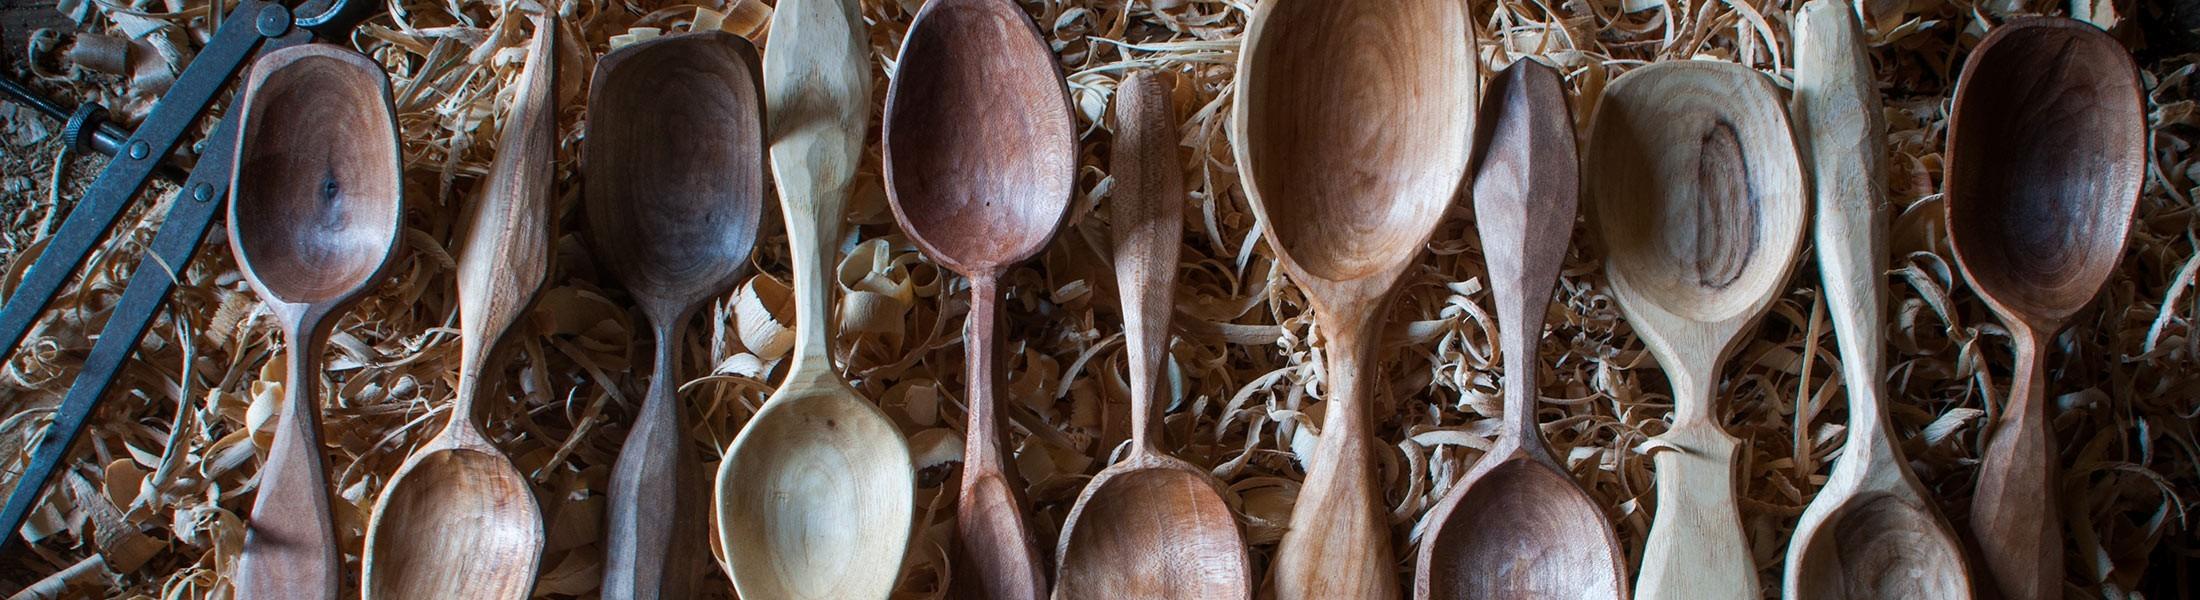 Tête de Bois   Cuillère de table artisanal